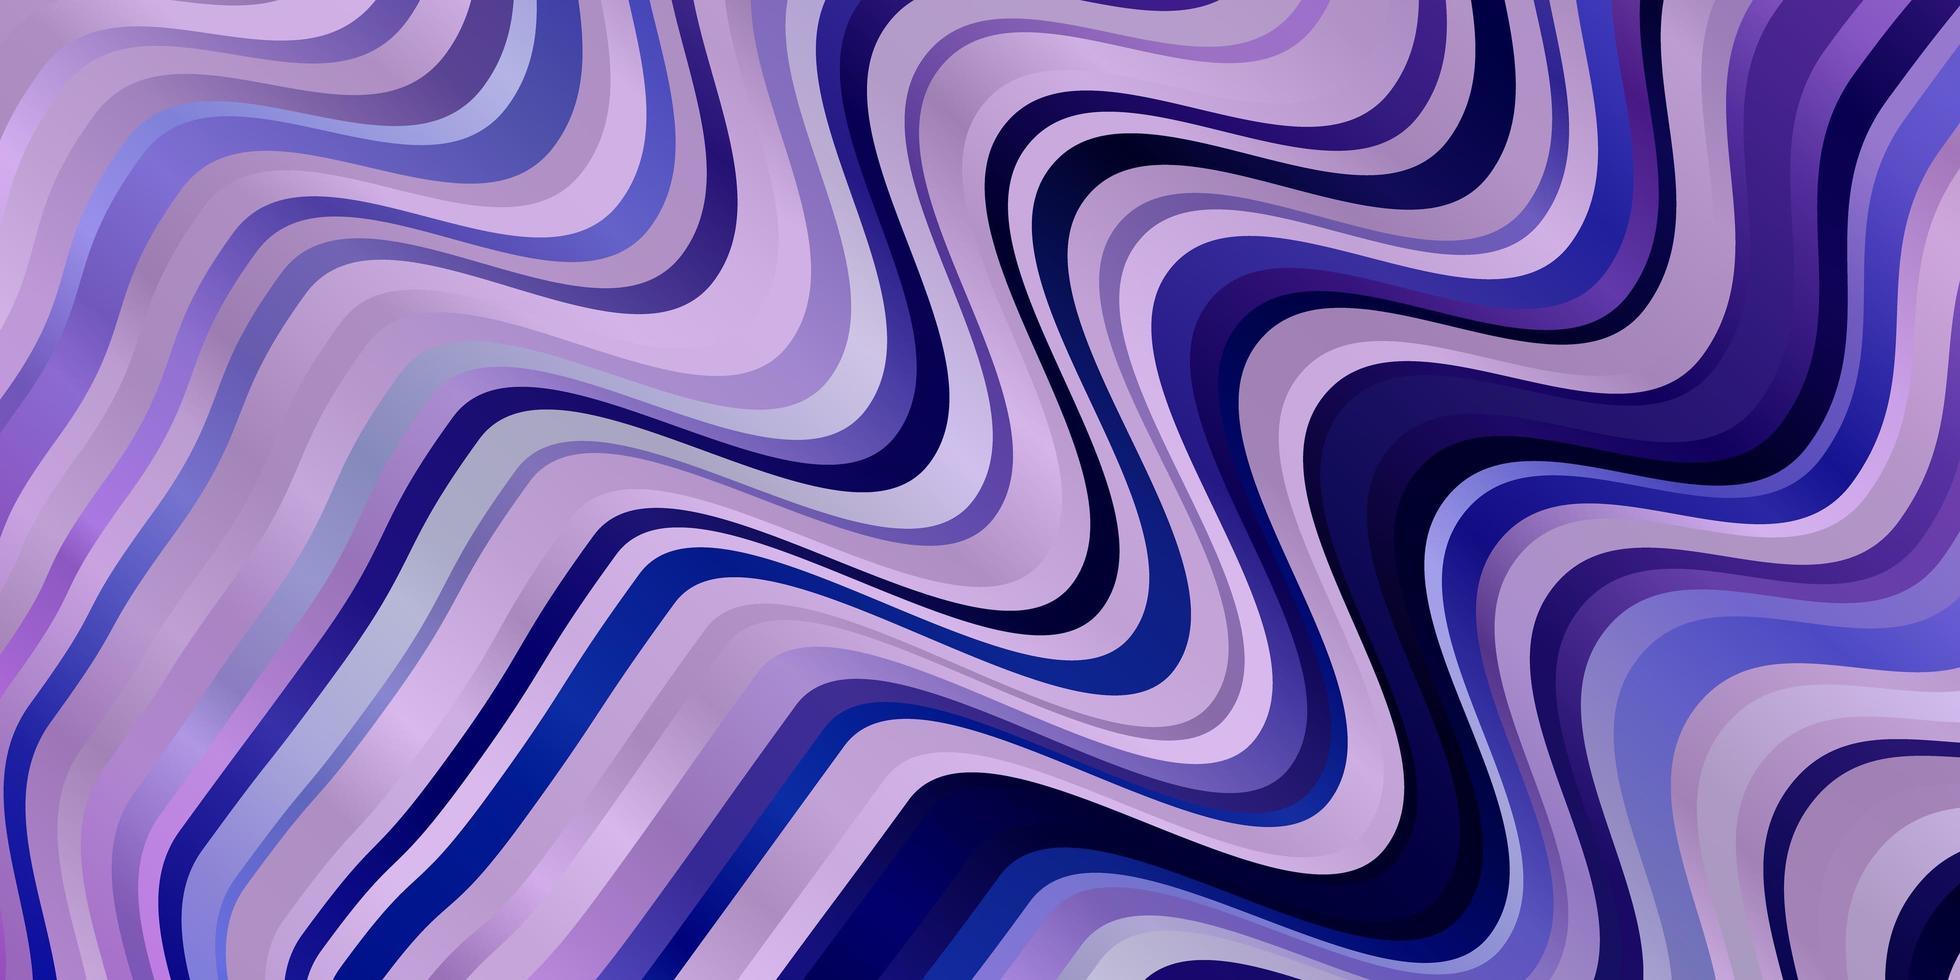 paars patroon met rondingen. vector